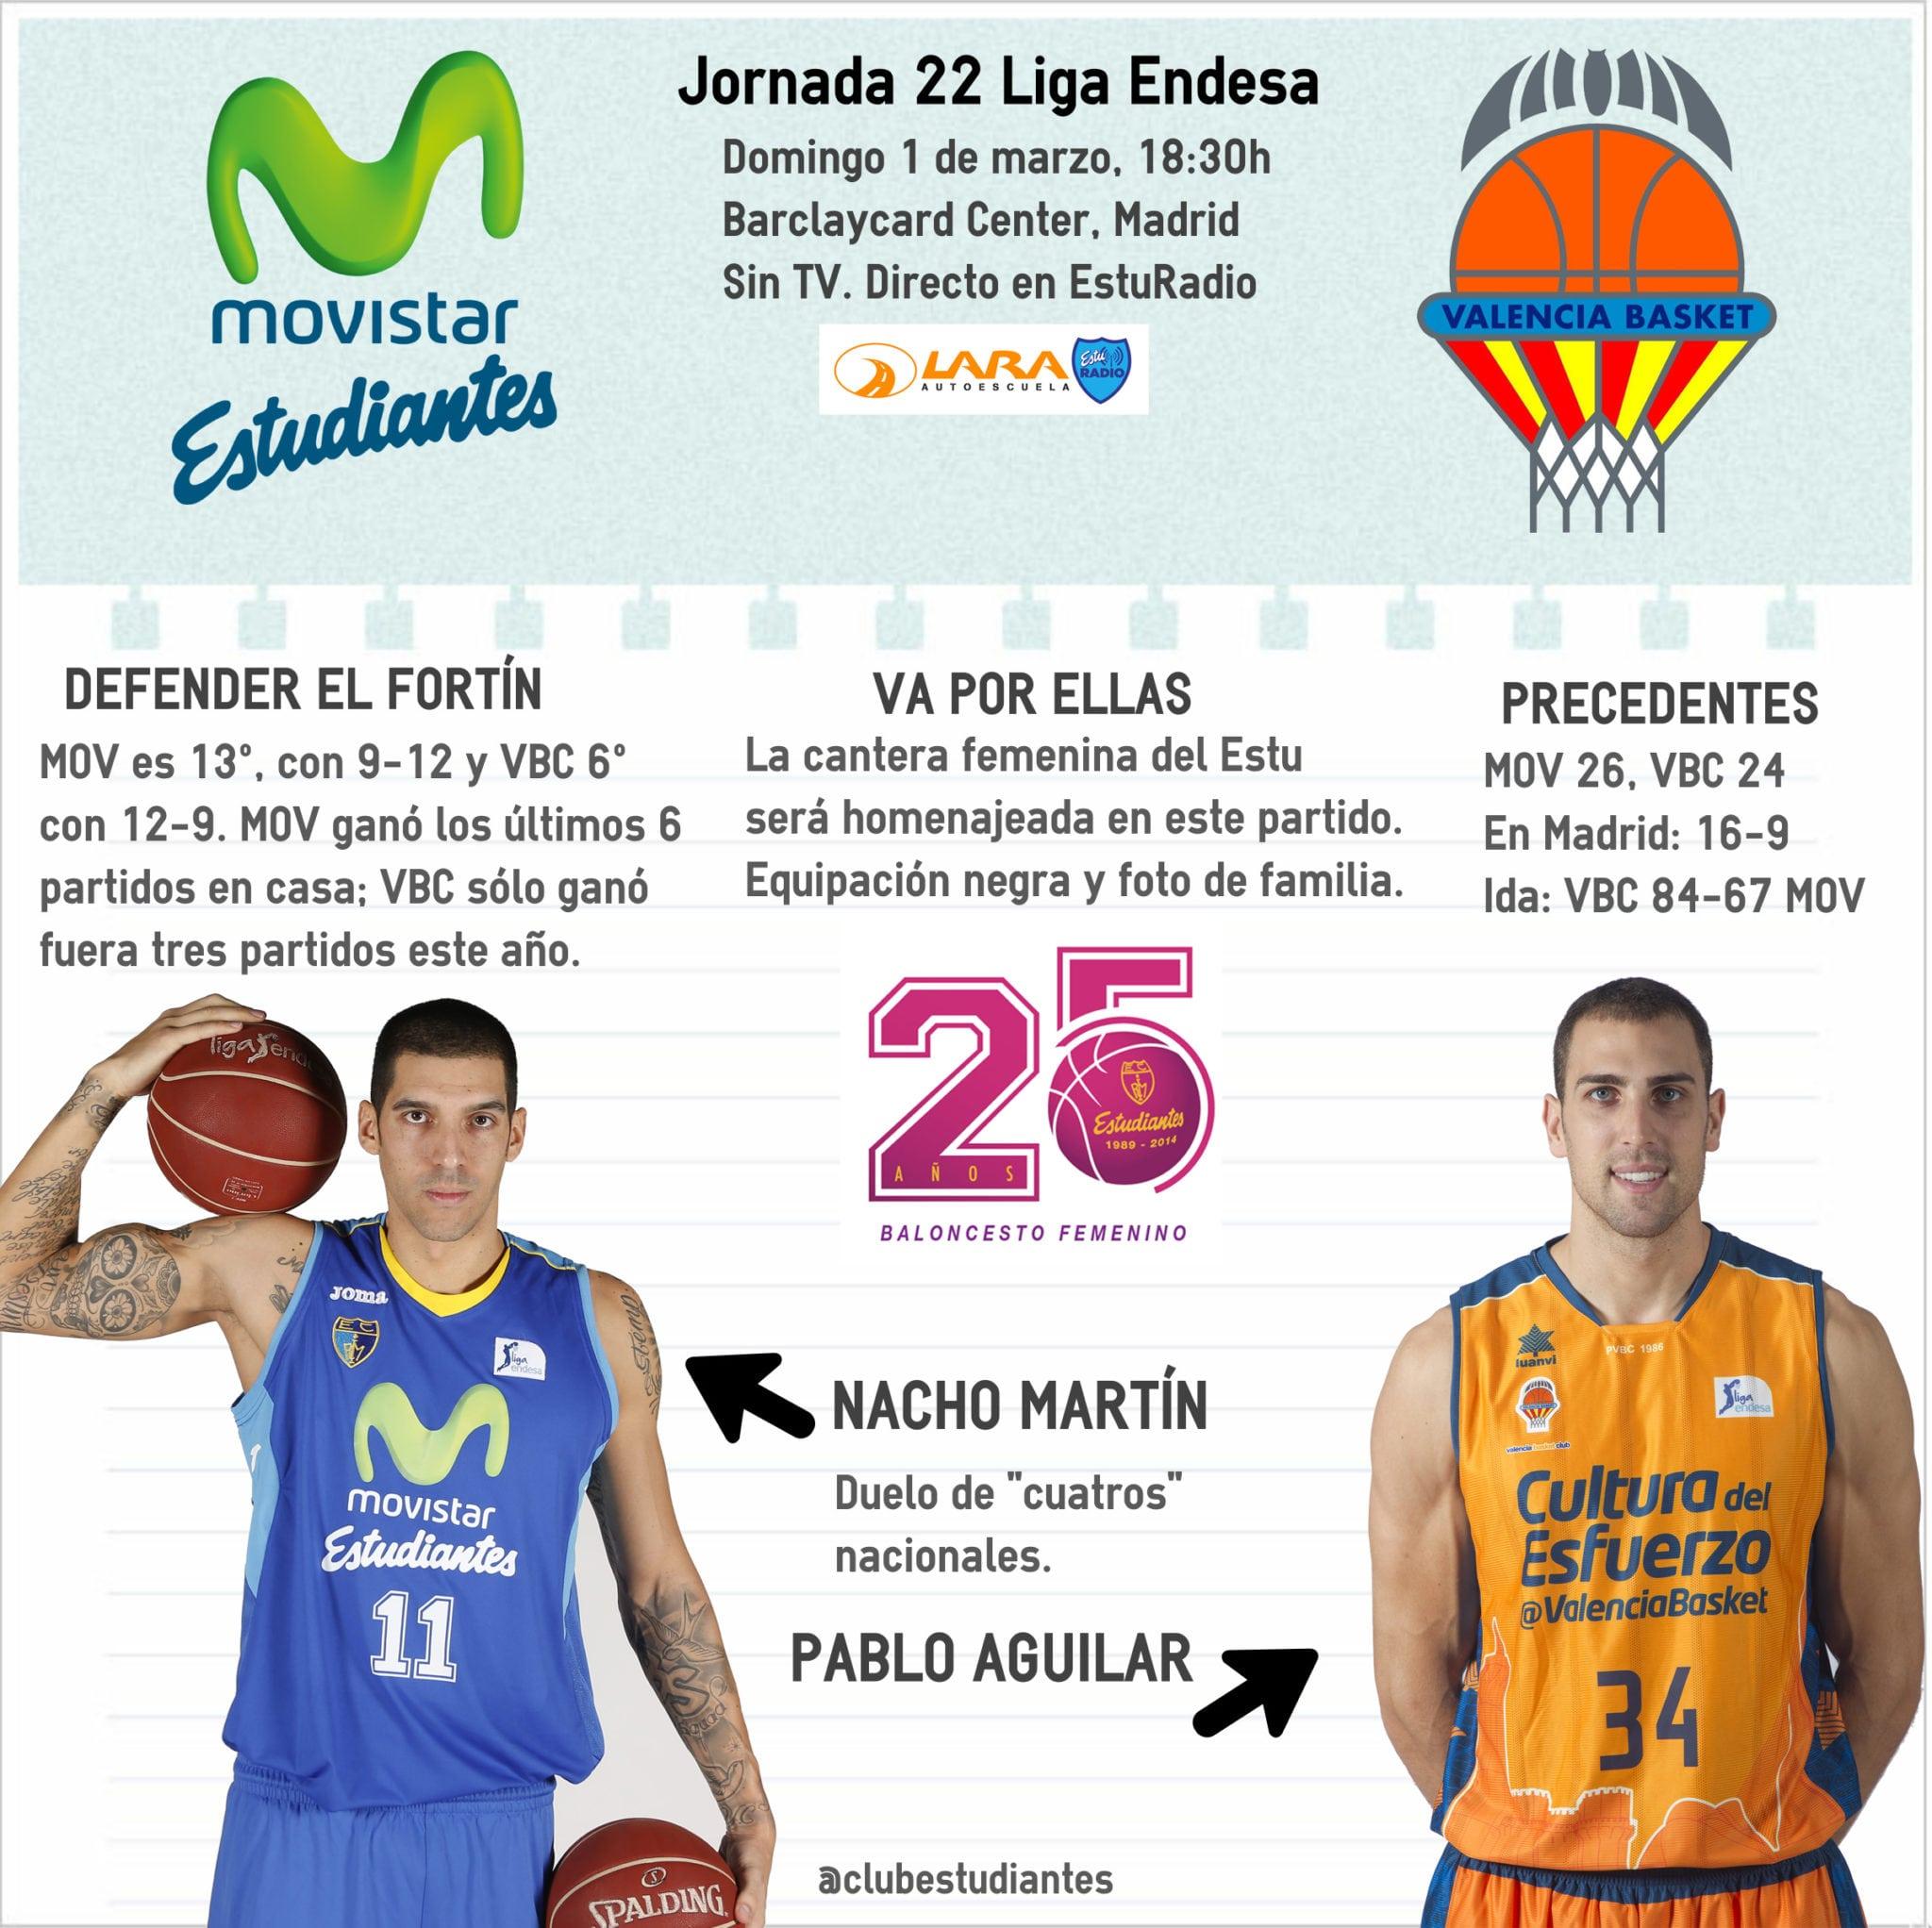 Movistar Estudiantes- Valencia Basket. El fortín de Goya pone a prueba a un renacido equipo taronja (domingo 18:30h, EstuRadio)